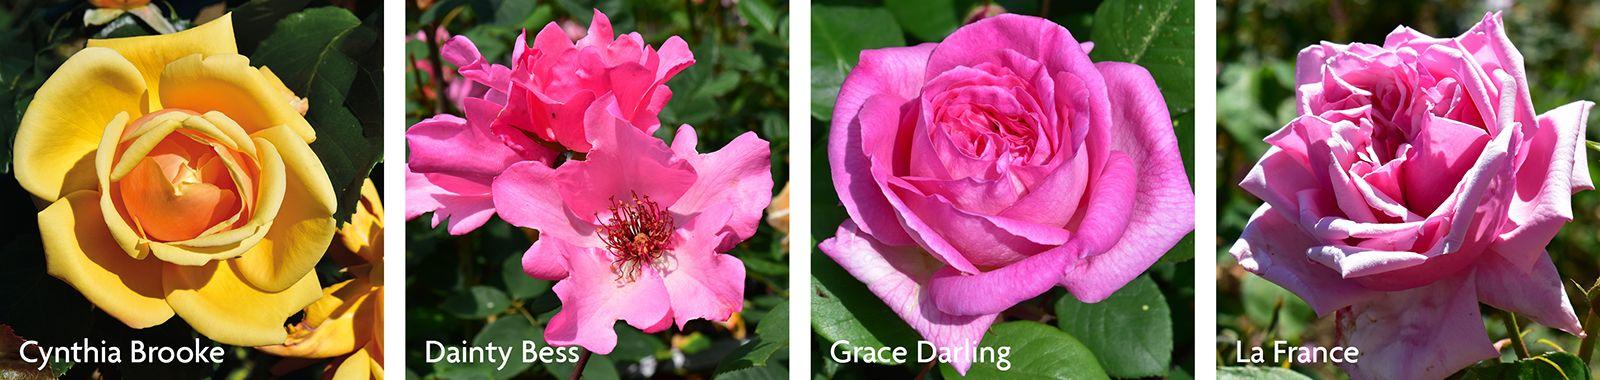 Hybrid Tea Roses - older varieties